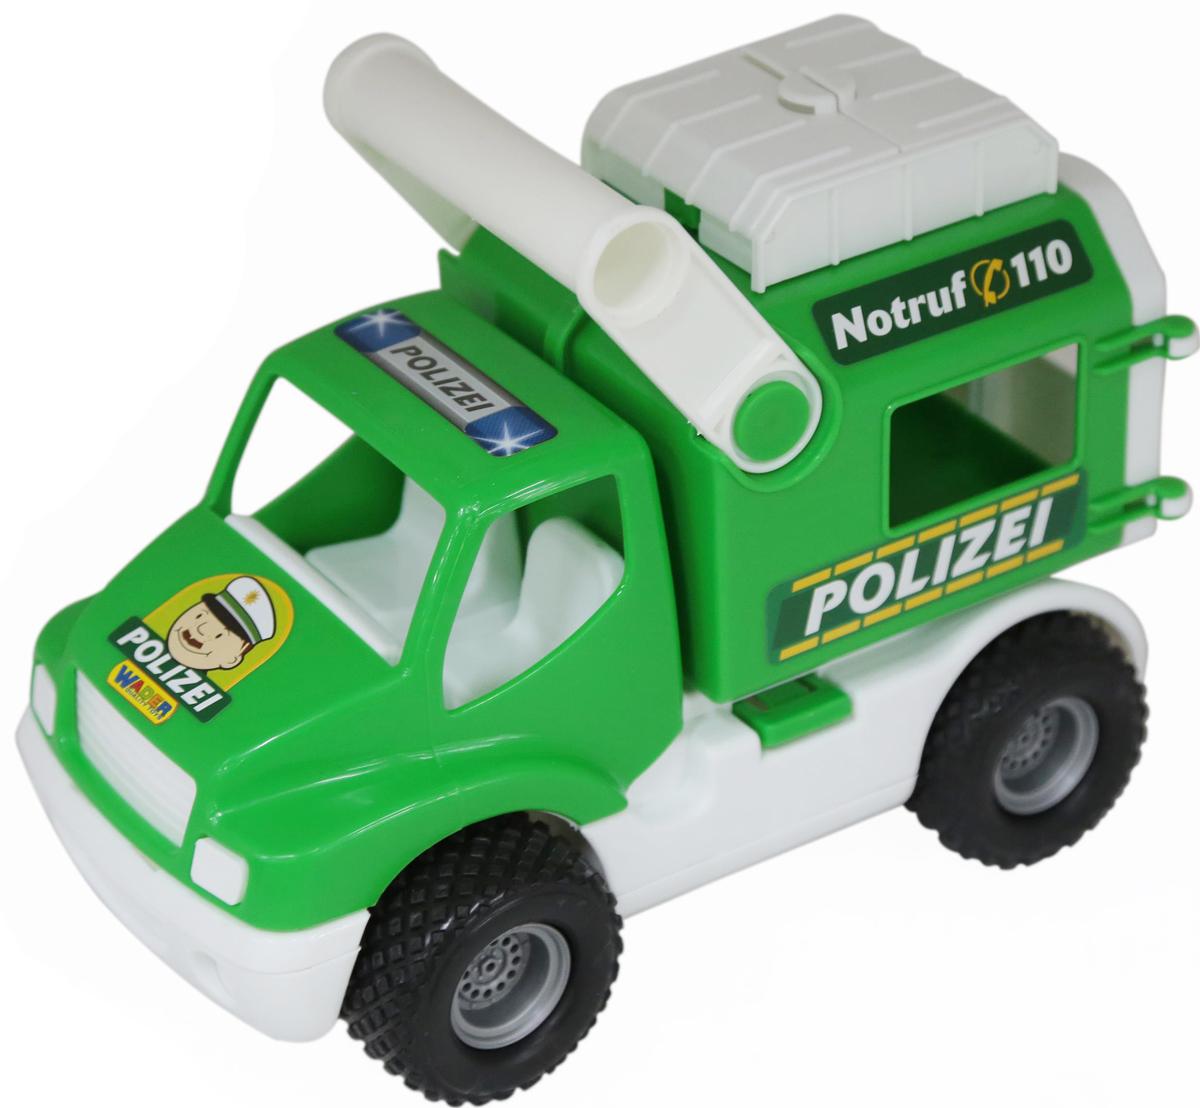 Полесье Полицейский автомобиль КонсТрак, цвет в ассортименте автомобиль пластмастер малютка зефирки цвет в ассортименте 31172